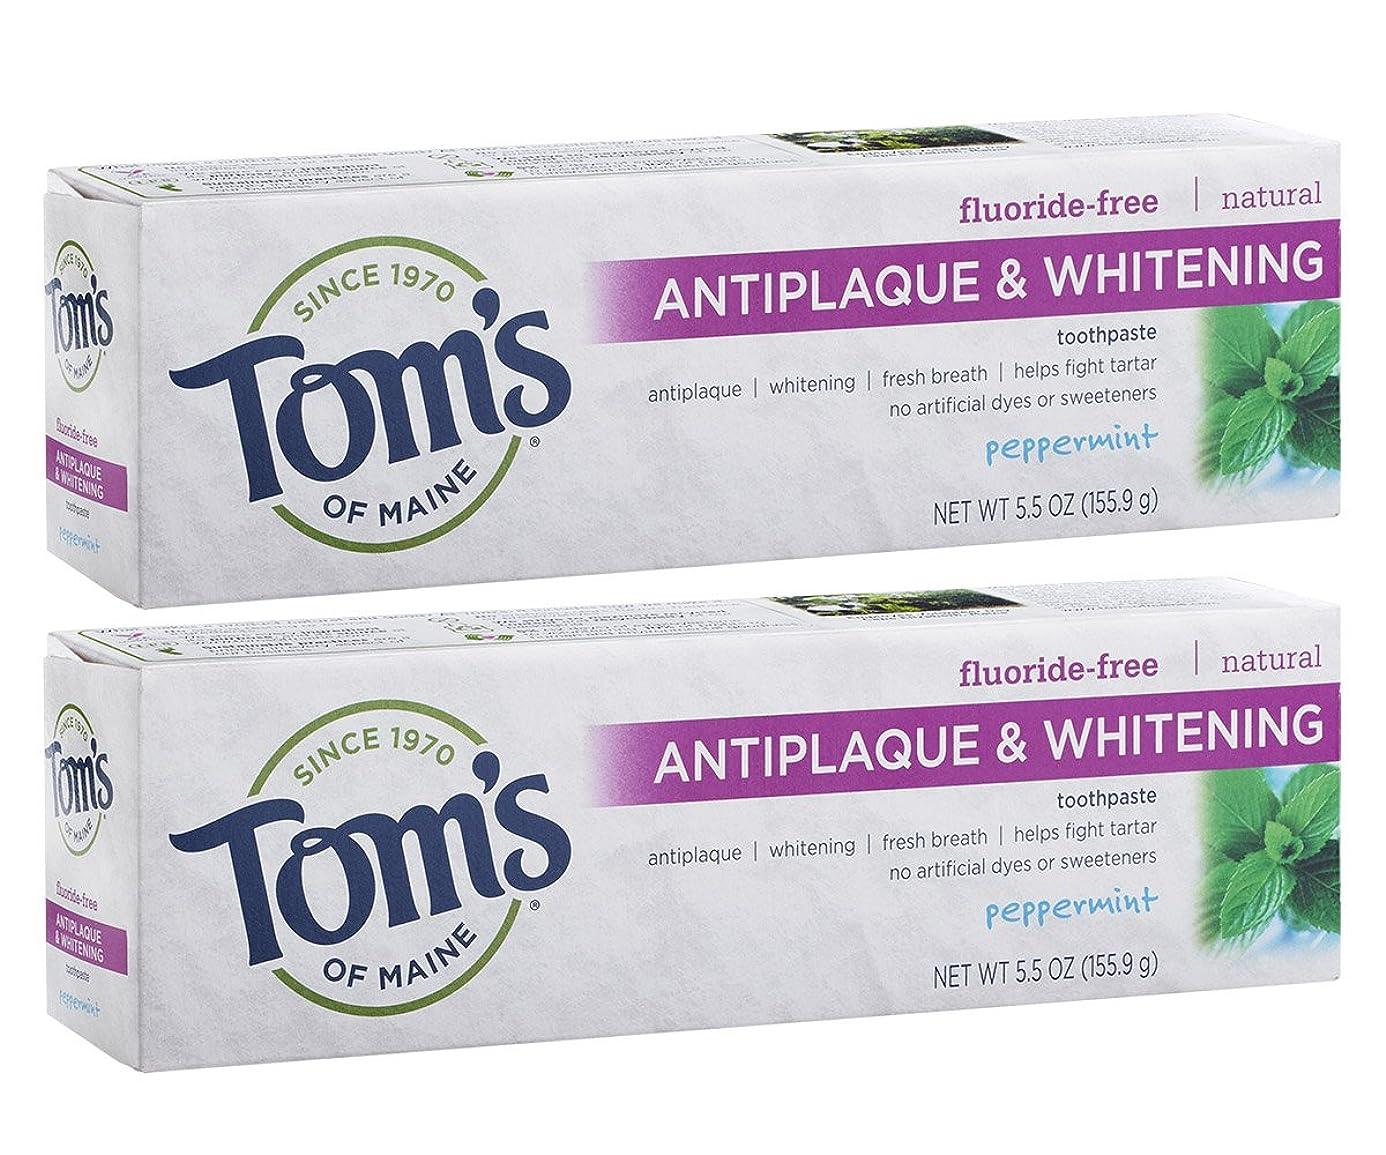 マトリックスボット拷問Tom's of Maine Antiplaque And Whitening Fluoride-Free Toothpaste, Peppermint, 5.5-Ounce by Tom's of Maine